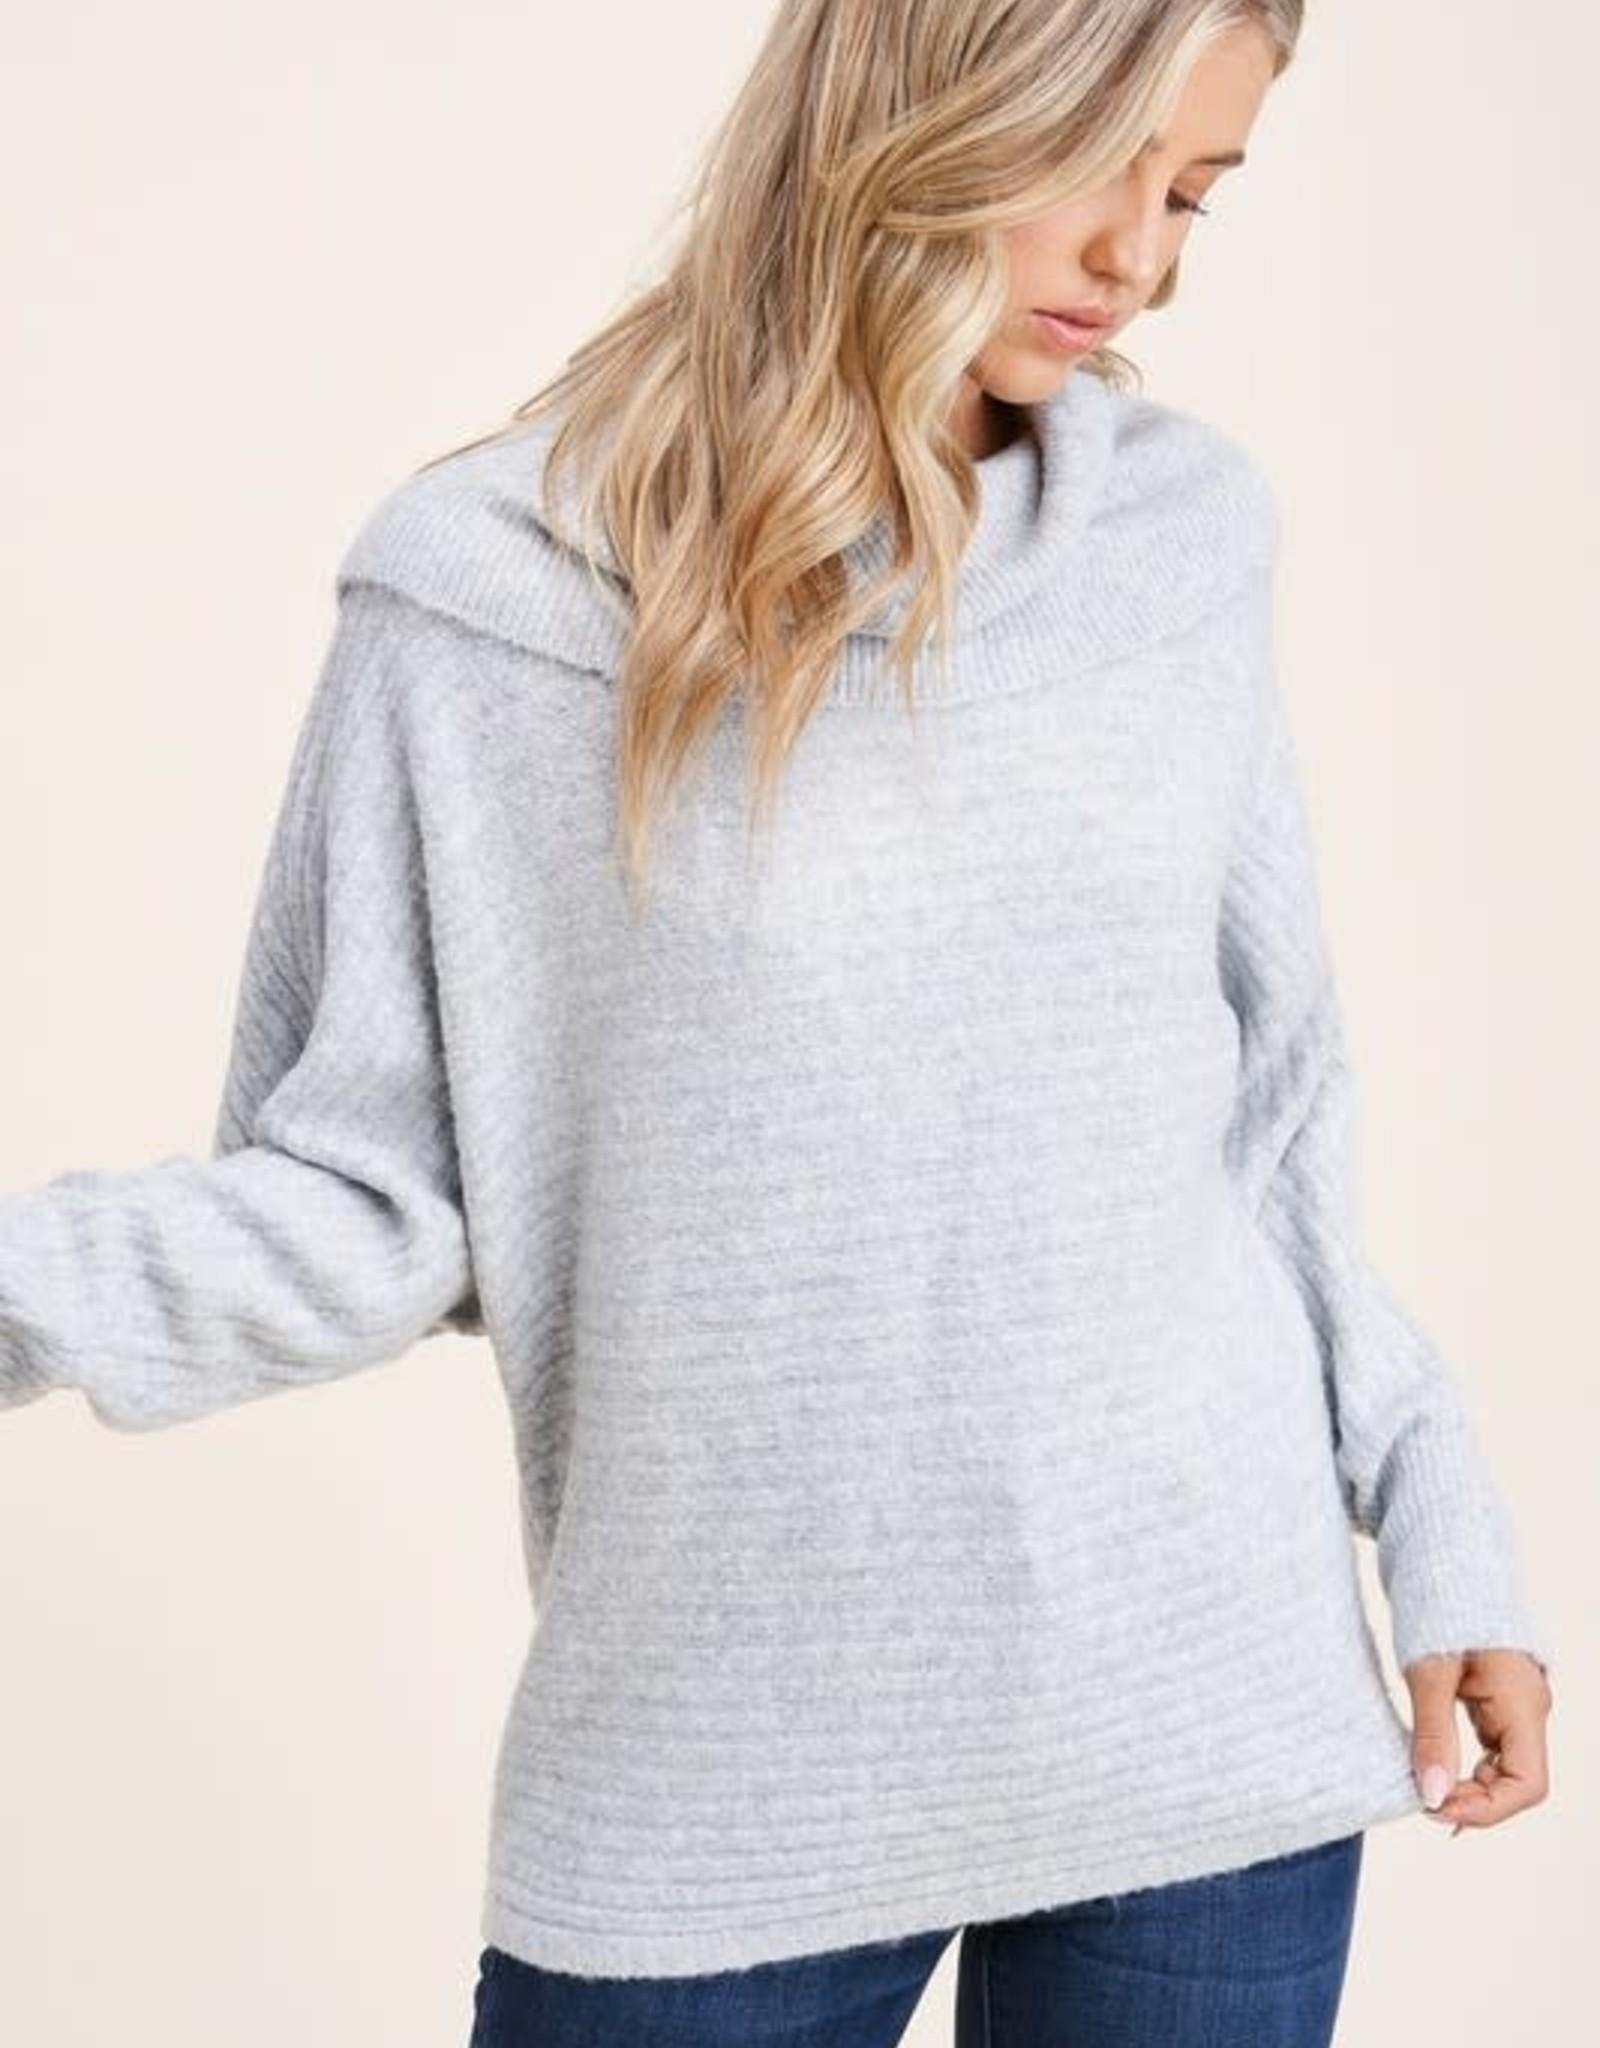 TLC 53123 slouchy dolman sleeve sweater